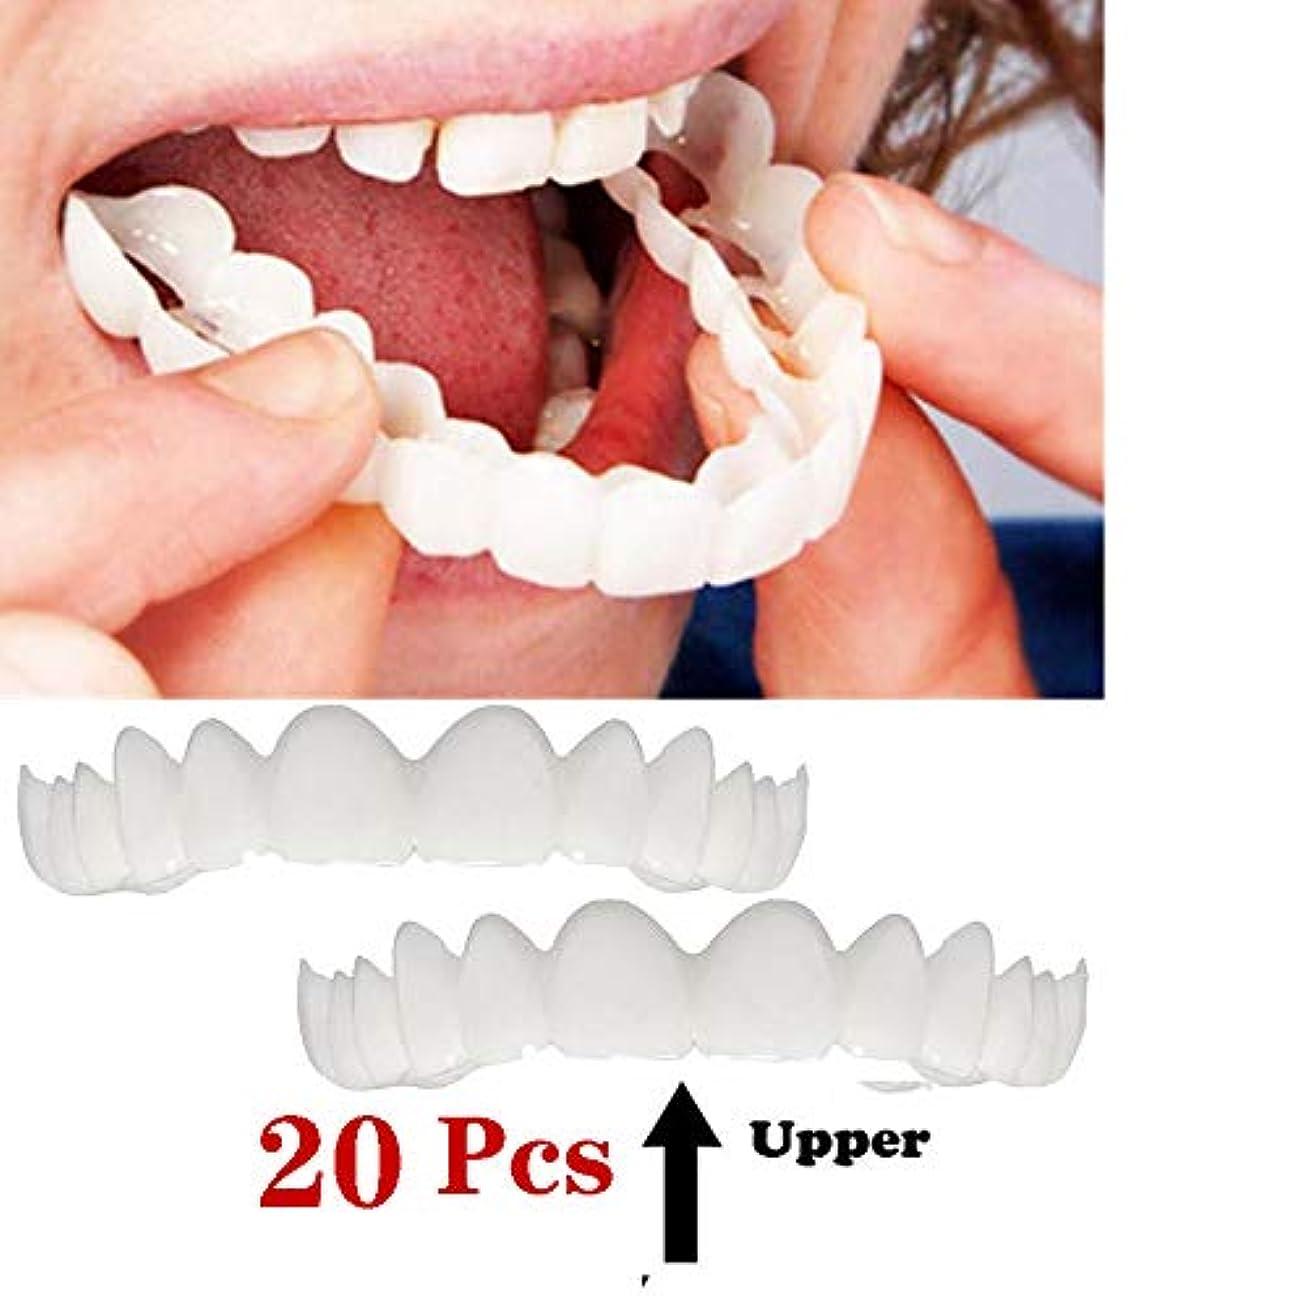 笑顔の義歯フィットフレックス化粧品の歯快適なベニヤカバーの歯のスナップを白くする笑顔の歯化粧品の義歯、化粧品の歯